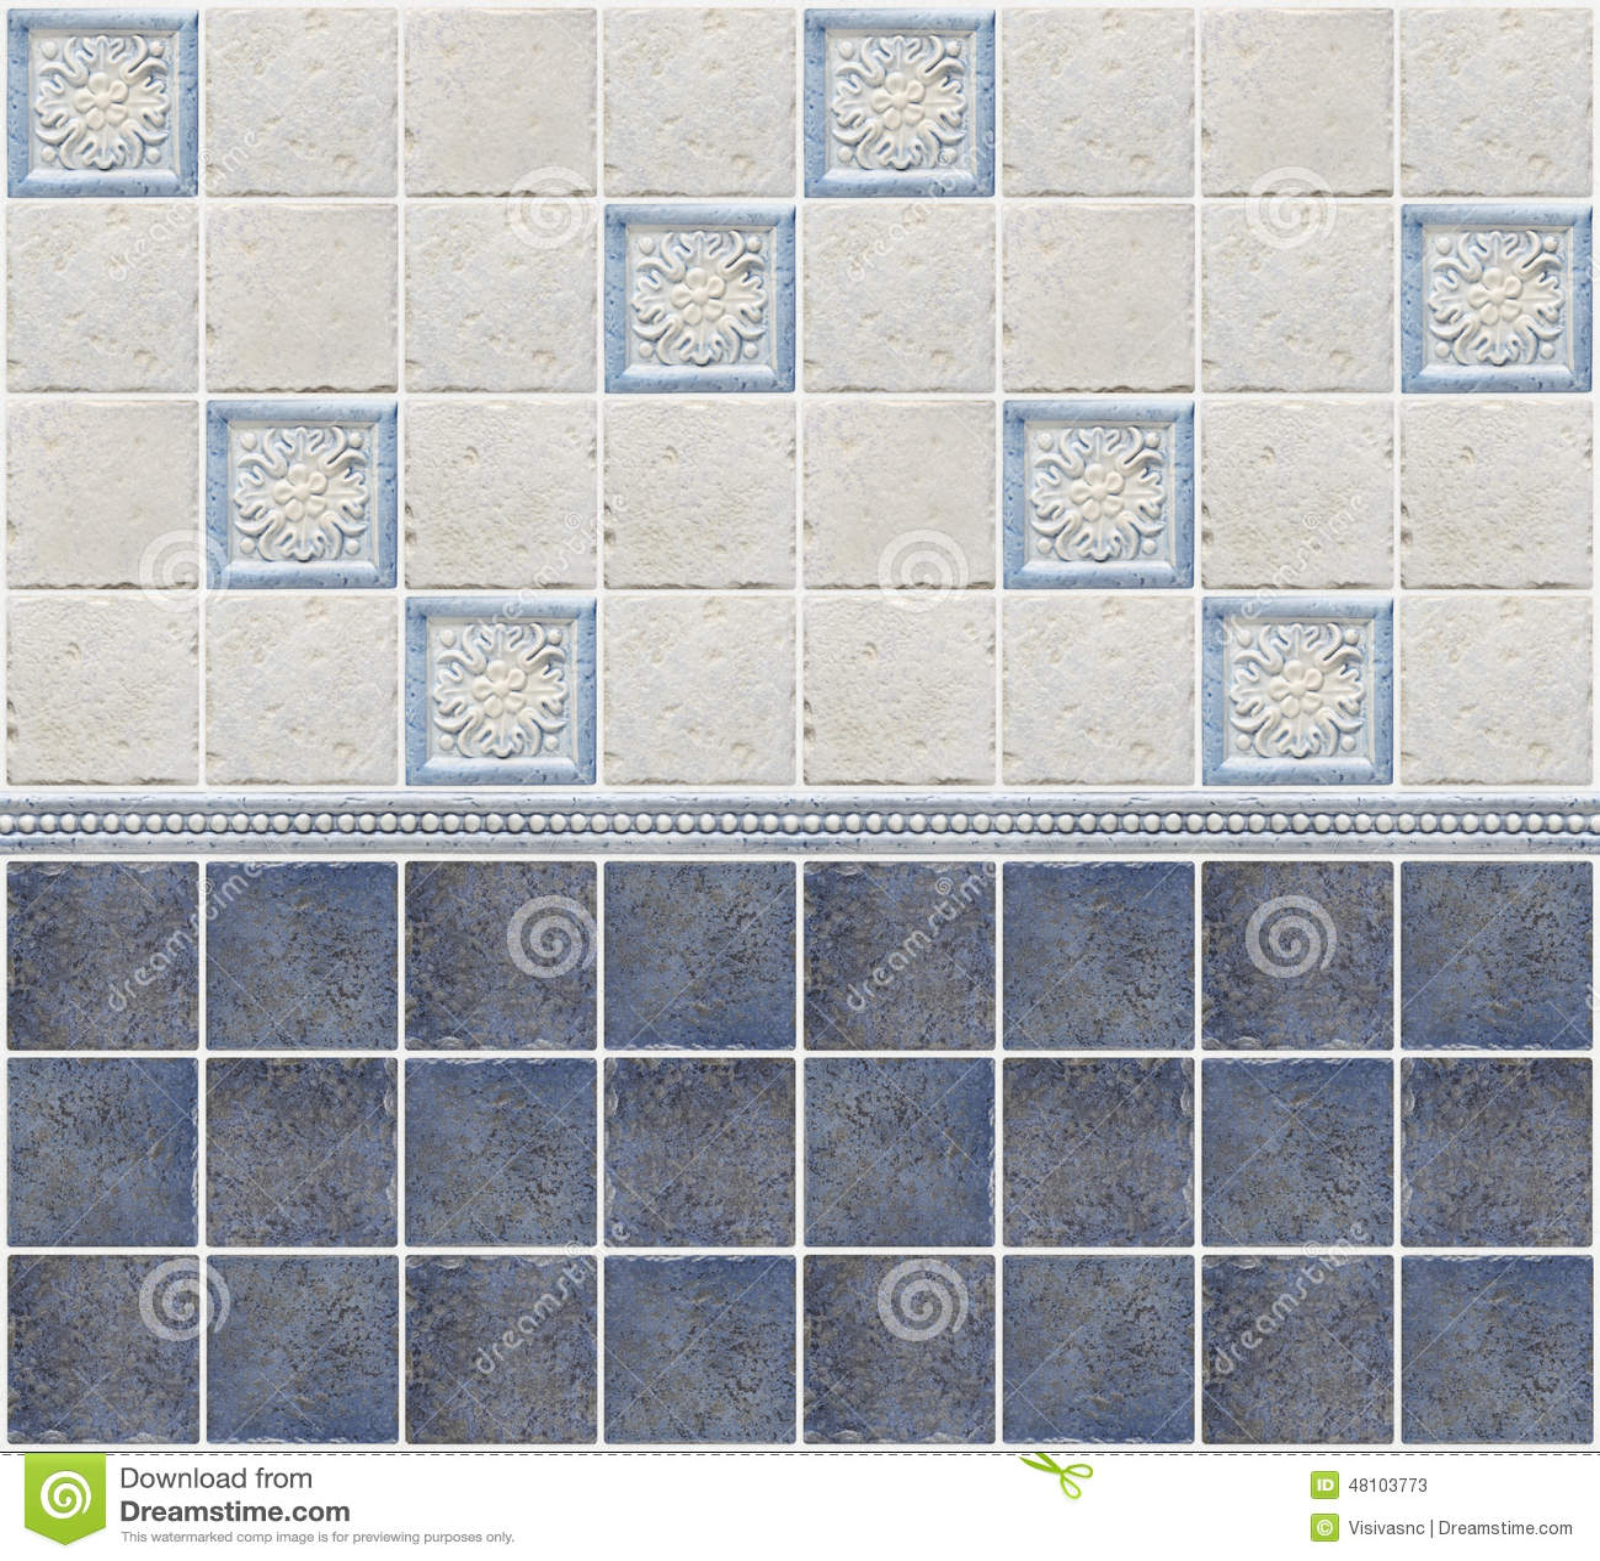 Mattonelle Di Marmo Blu Con Le Decorazioni Floreali Fotografia Stock - Immagine: 48103773